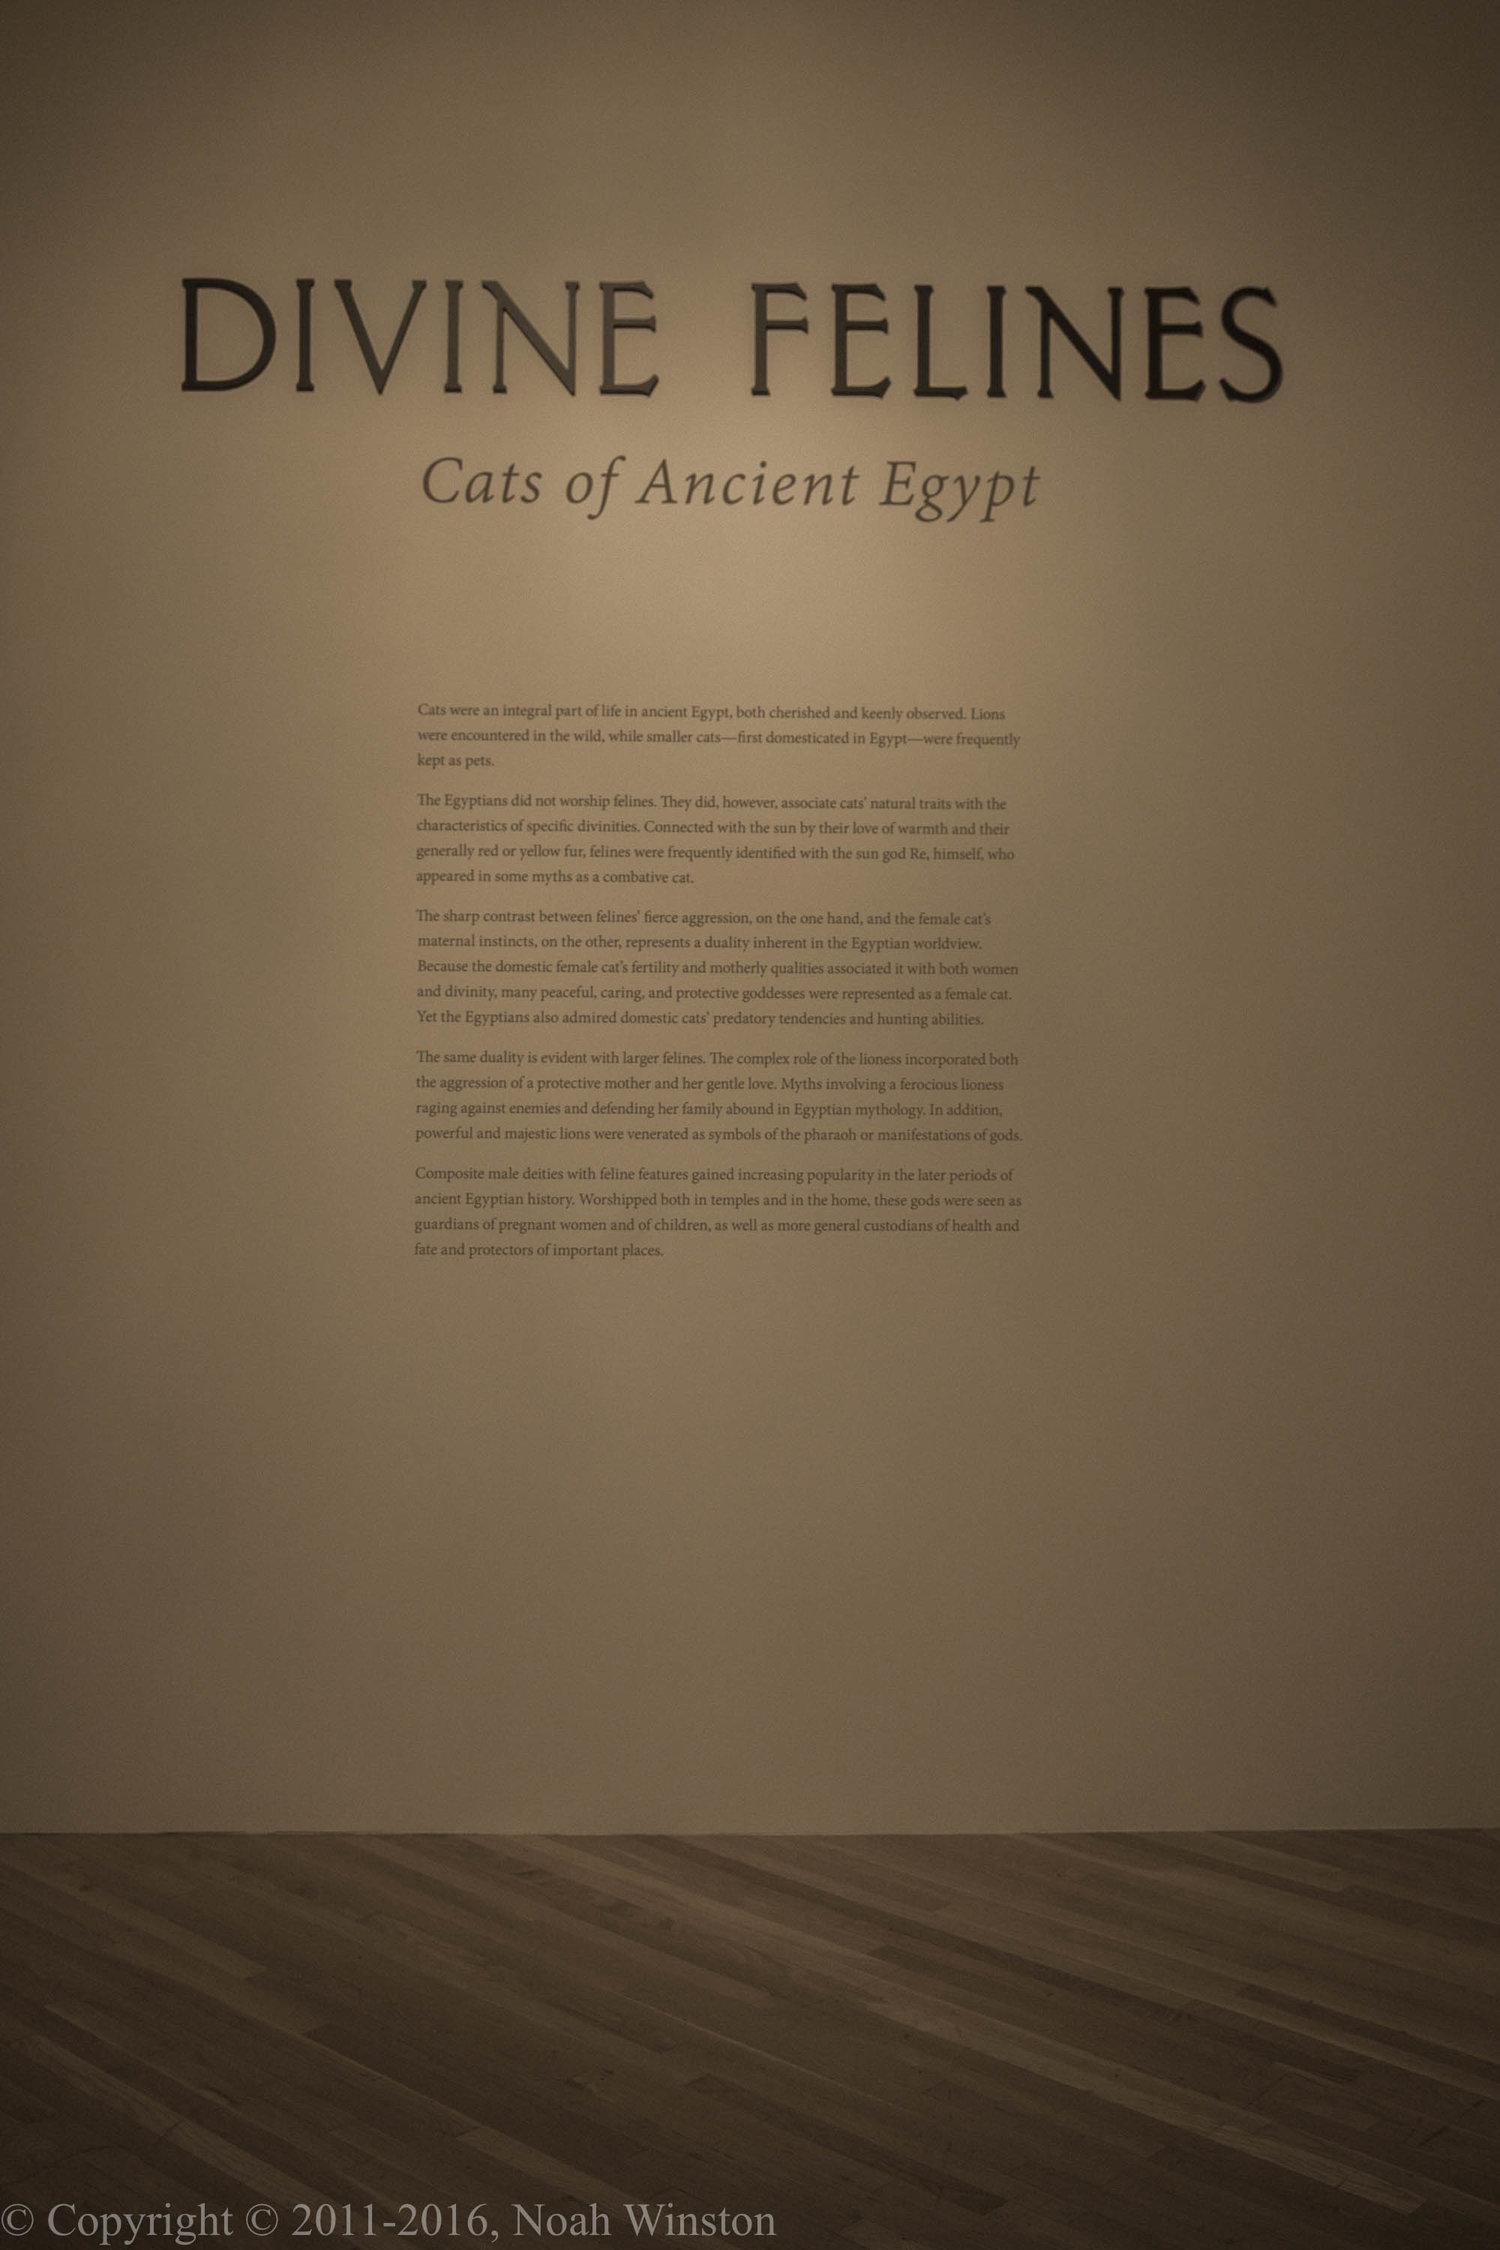 Divine Feline: Cats of Ancient Egypt — Noah Winston